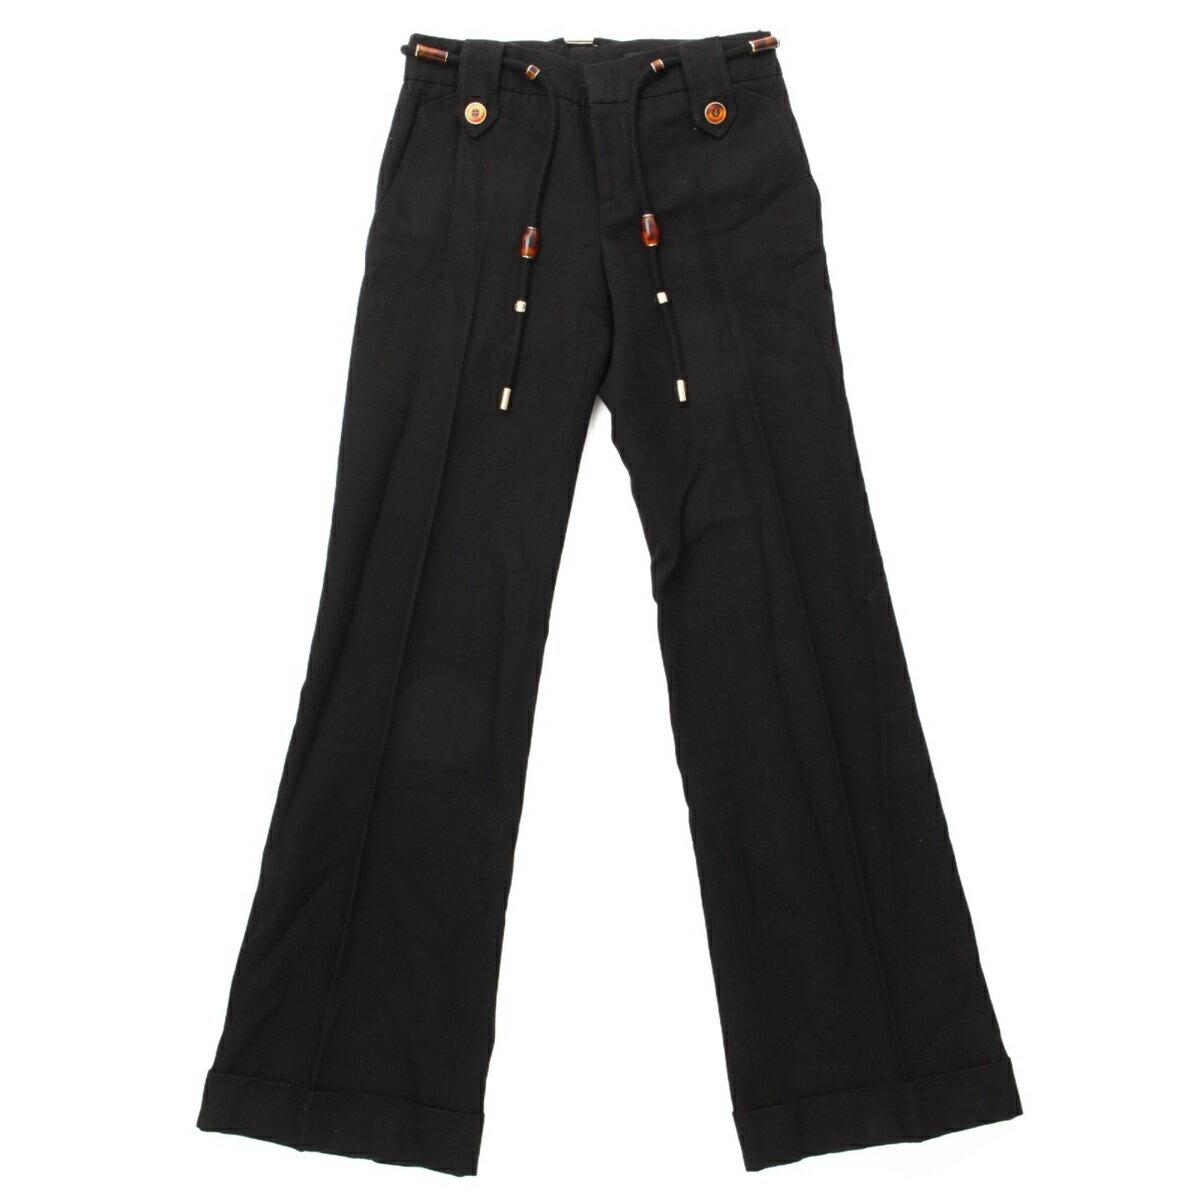 【グッチ】Gucci 紐ベルト付き パンツ ブラック 36 【中古】【鑑定済・正規品保証】60505